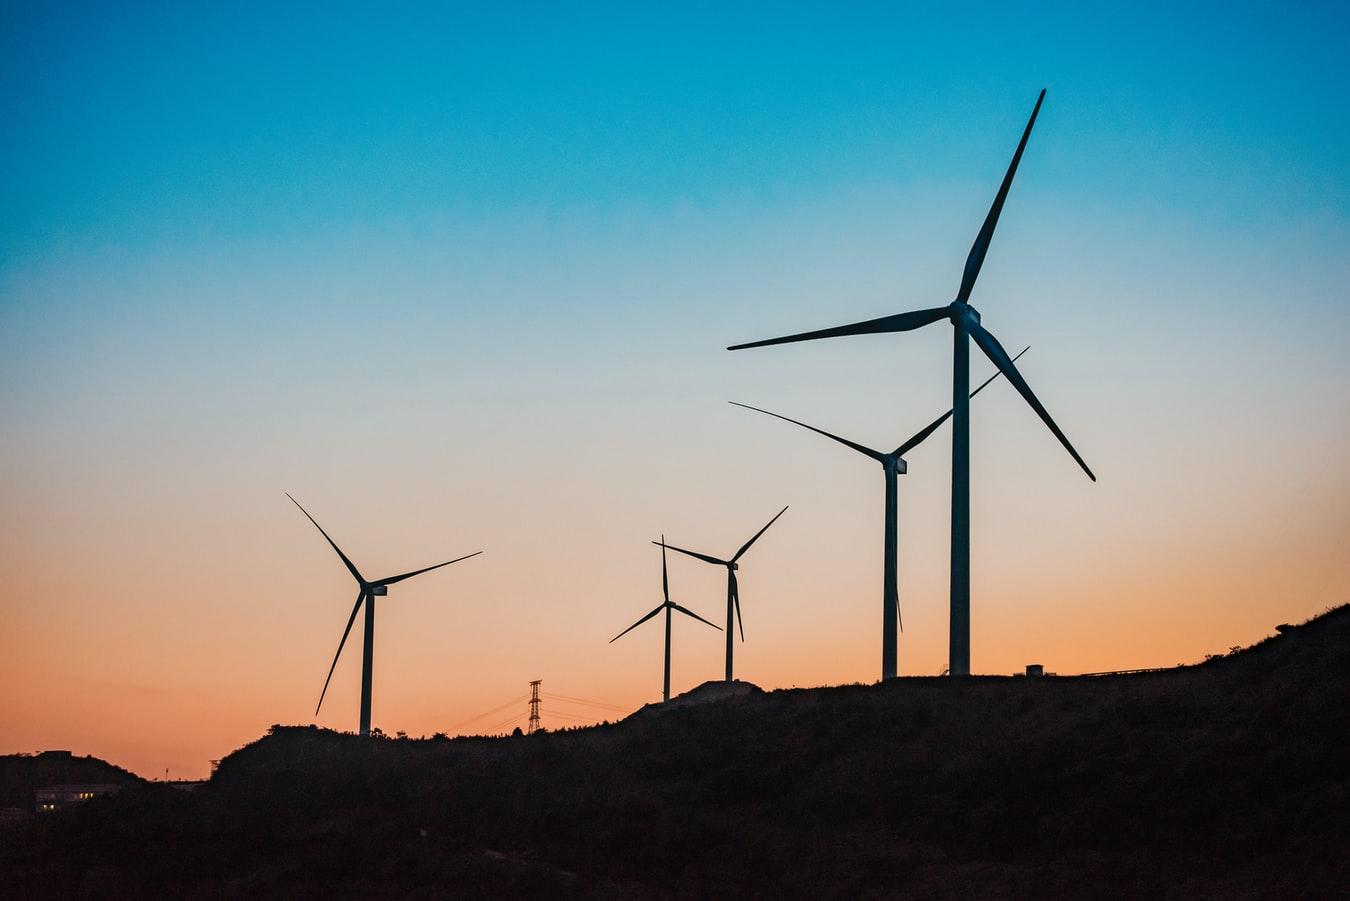 Elektrownia wiatrowa z drukarki 3D - oto nowy pomysł GE